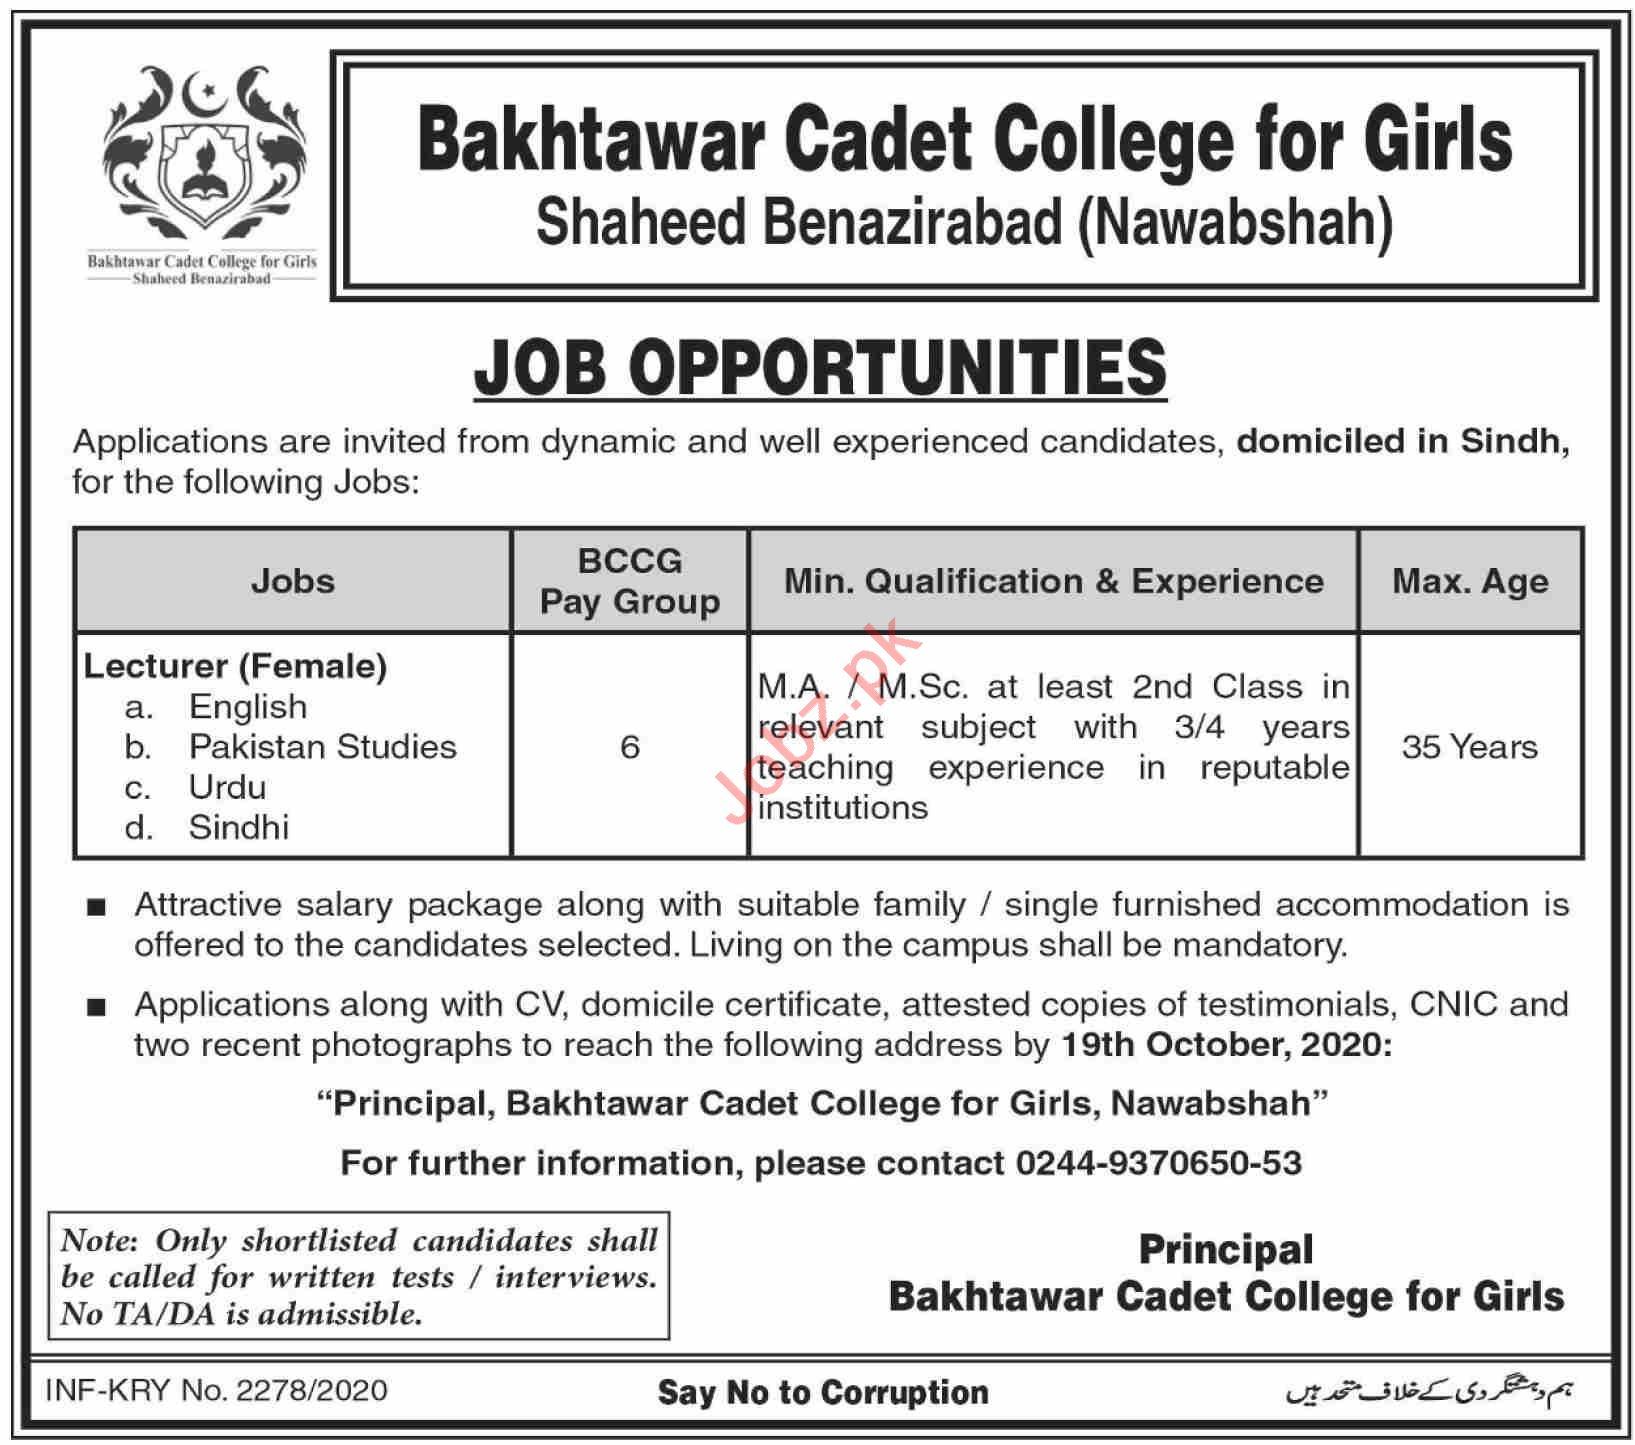 Bakhtawar Cadet College for Girls Jobs 2020 for Lecturers